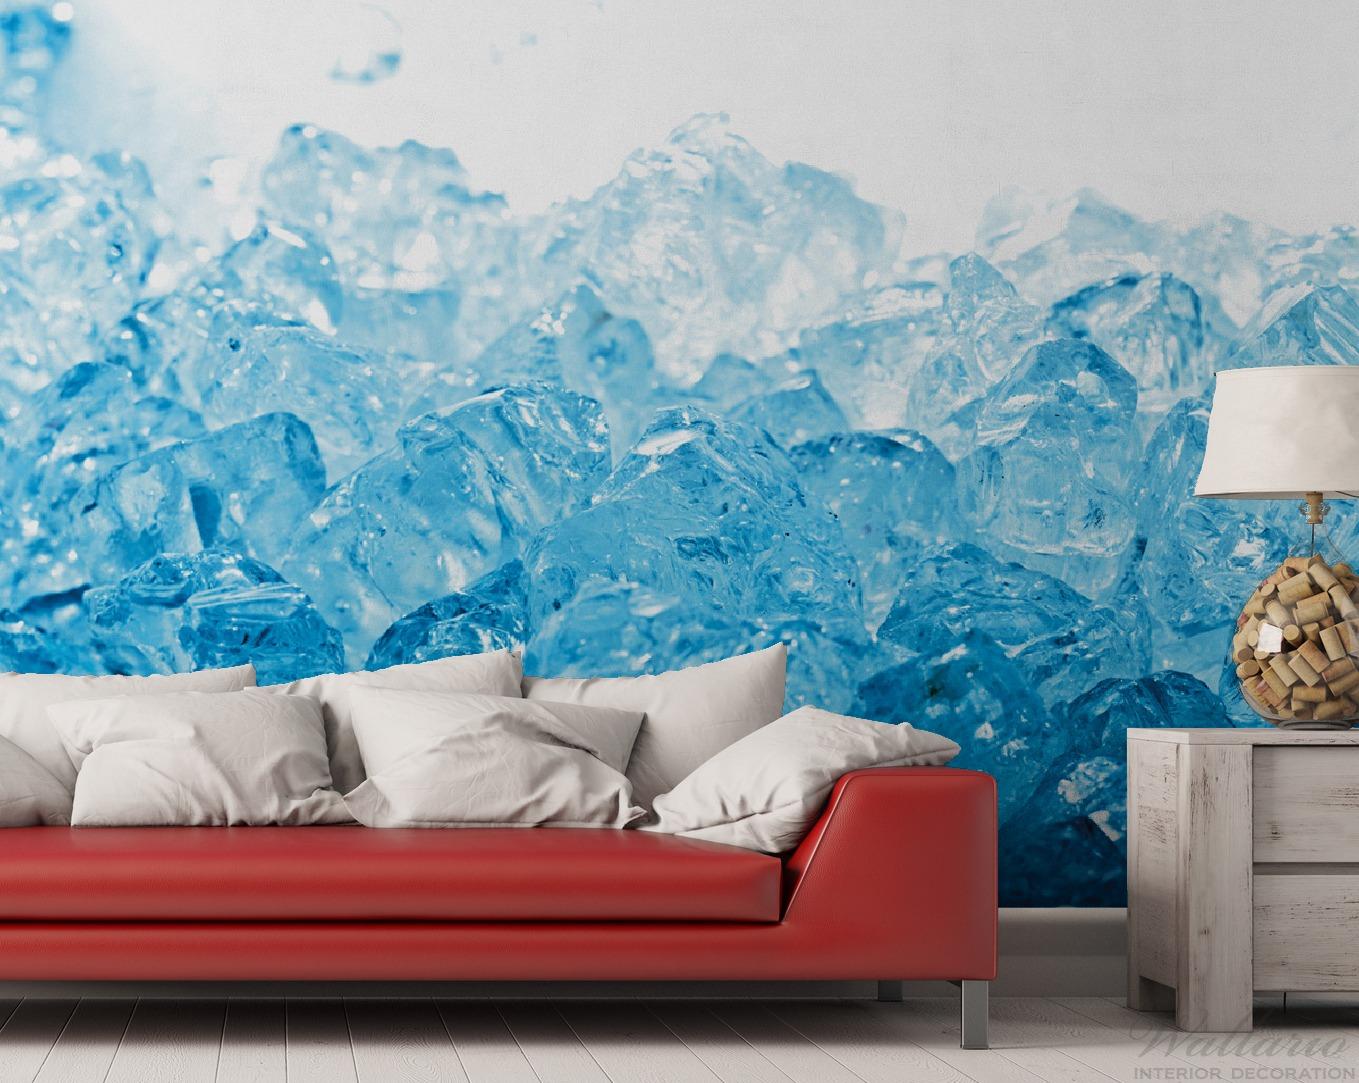 Vliestapete Leuchtendes Eis in blau – Bild 2